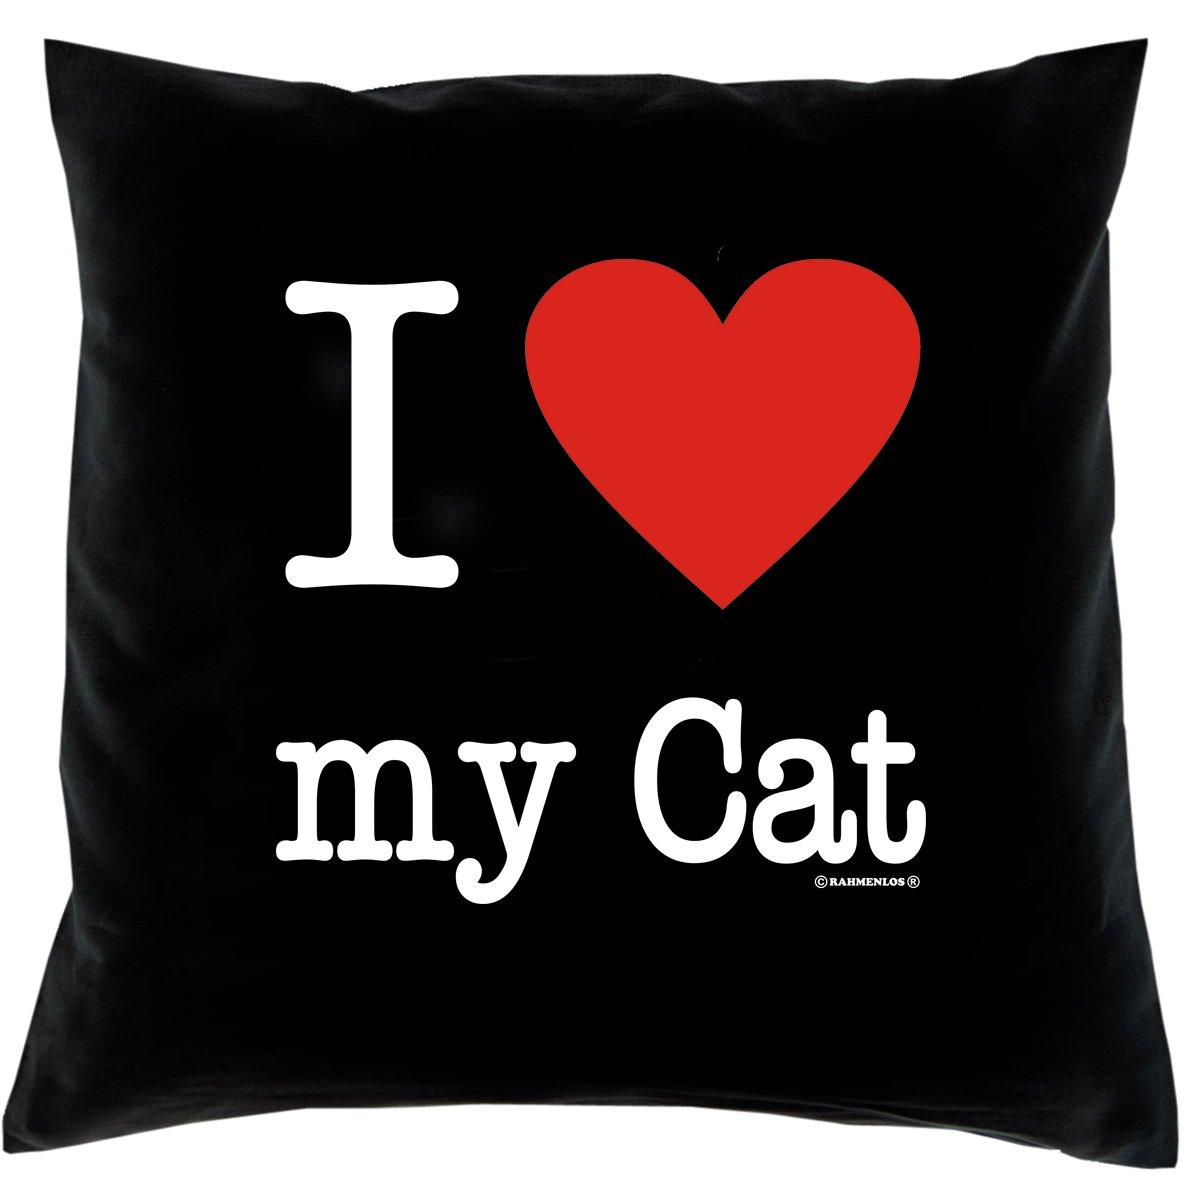 Kissen mit Innenkissen – Katzenfreunde – I Love my Cat – mit 40 x 40 cm – in schwarz : ) jetzt kaufen